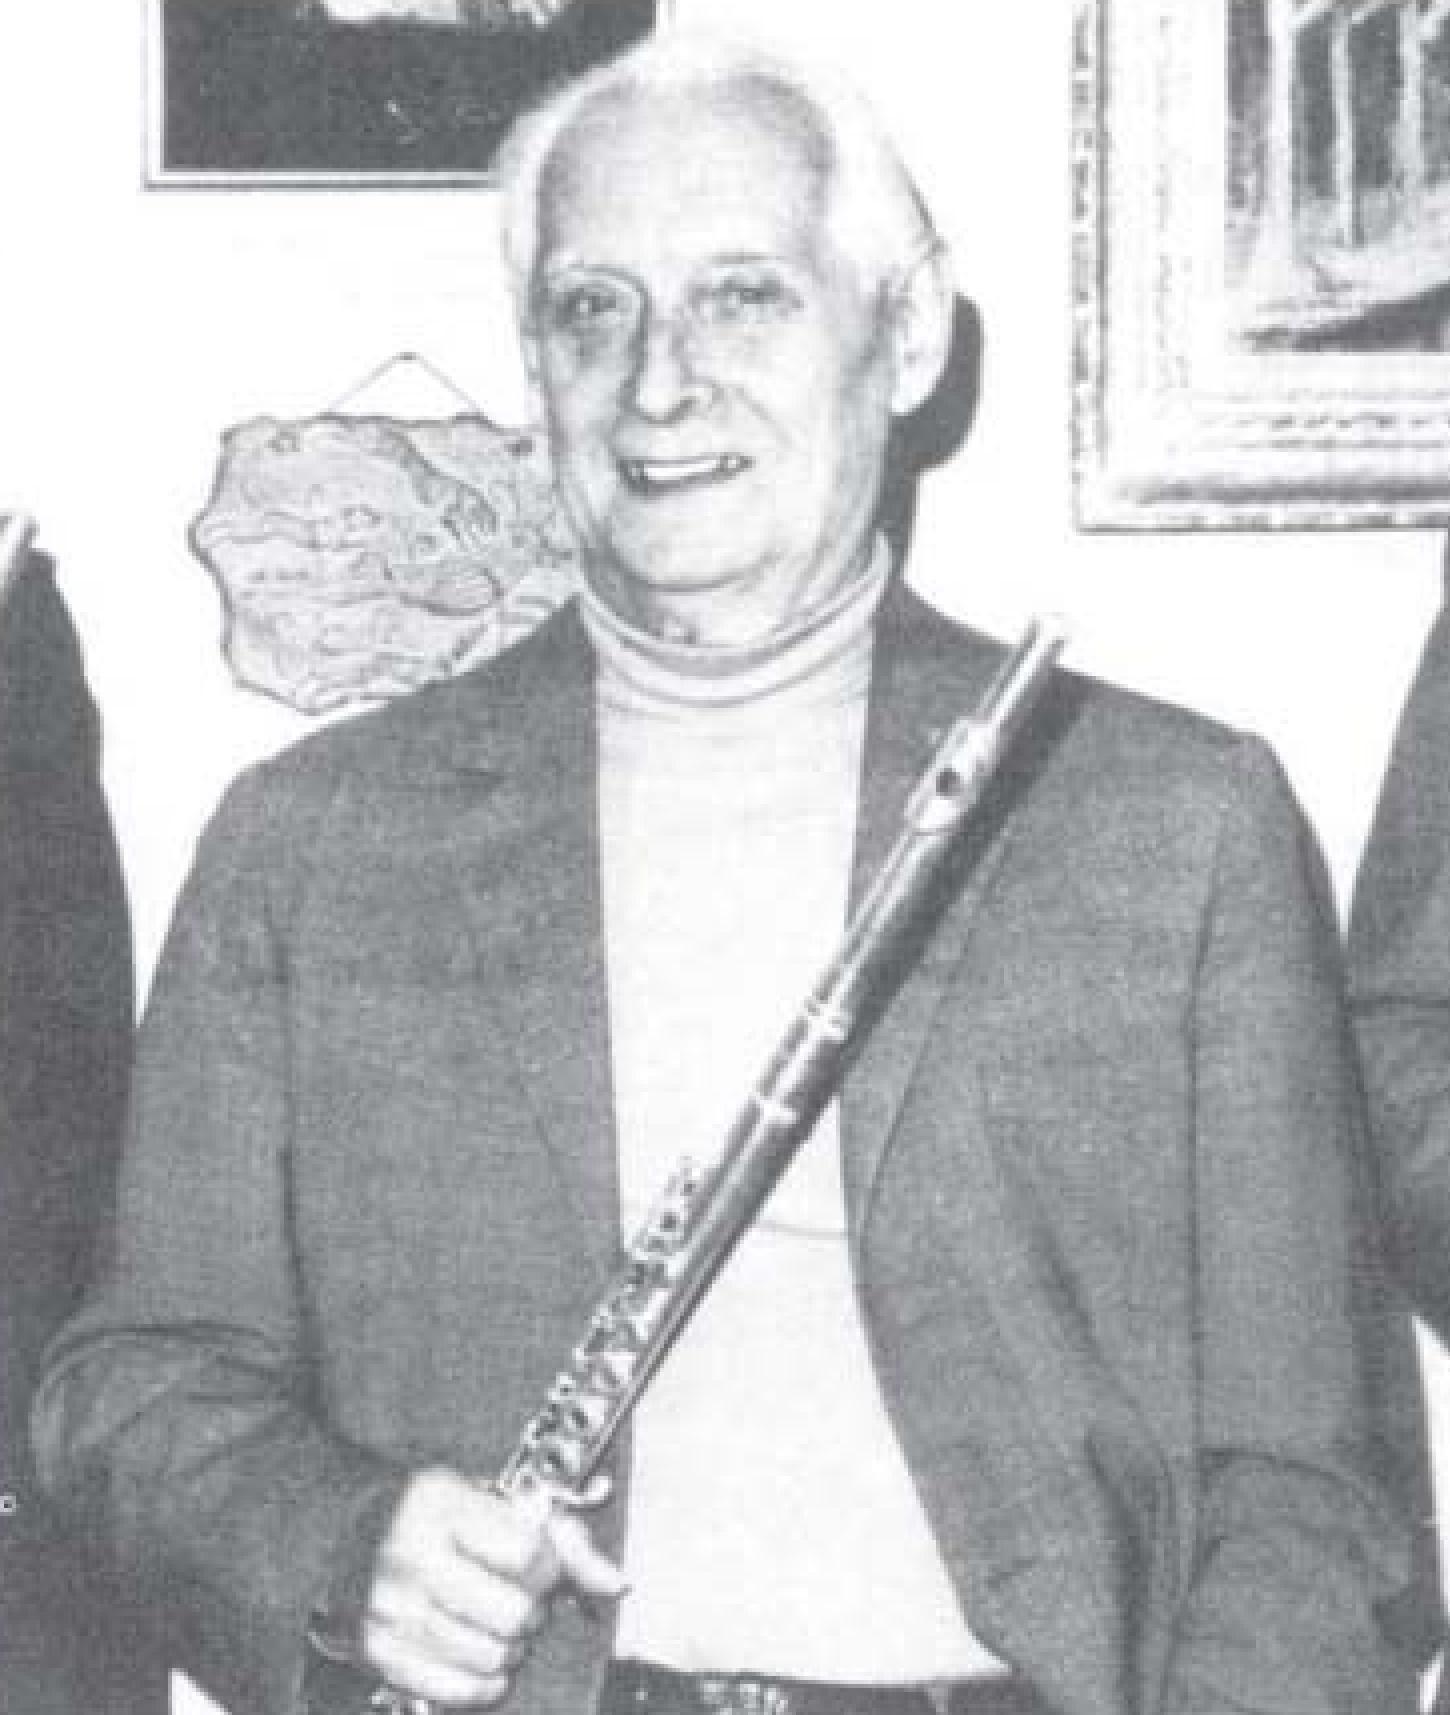 Robert HÉRICHÉ en ??, portrait publié en 1991 dans https://www.moeck.com/uploads/tx_moecktables/1991-1.pdf_S._369-376.pdf, Cliquer sur la photo pour une vue agrandie